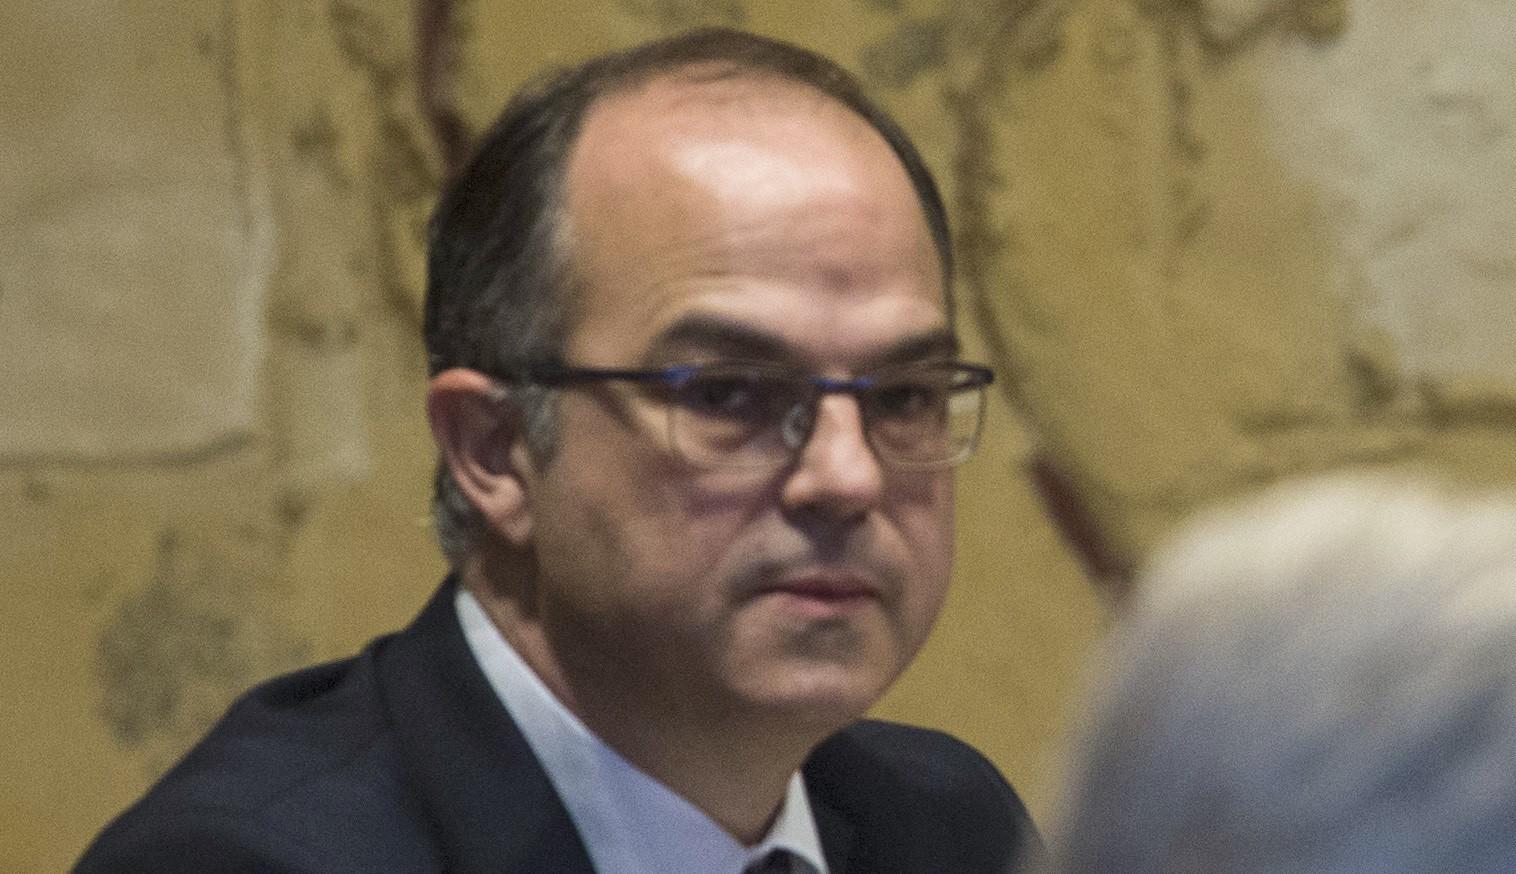 El Govern garantiza la defensa judicial de sus consejeros ante el referéndum